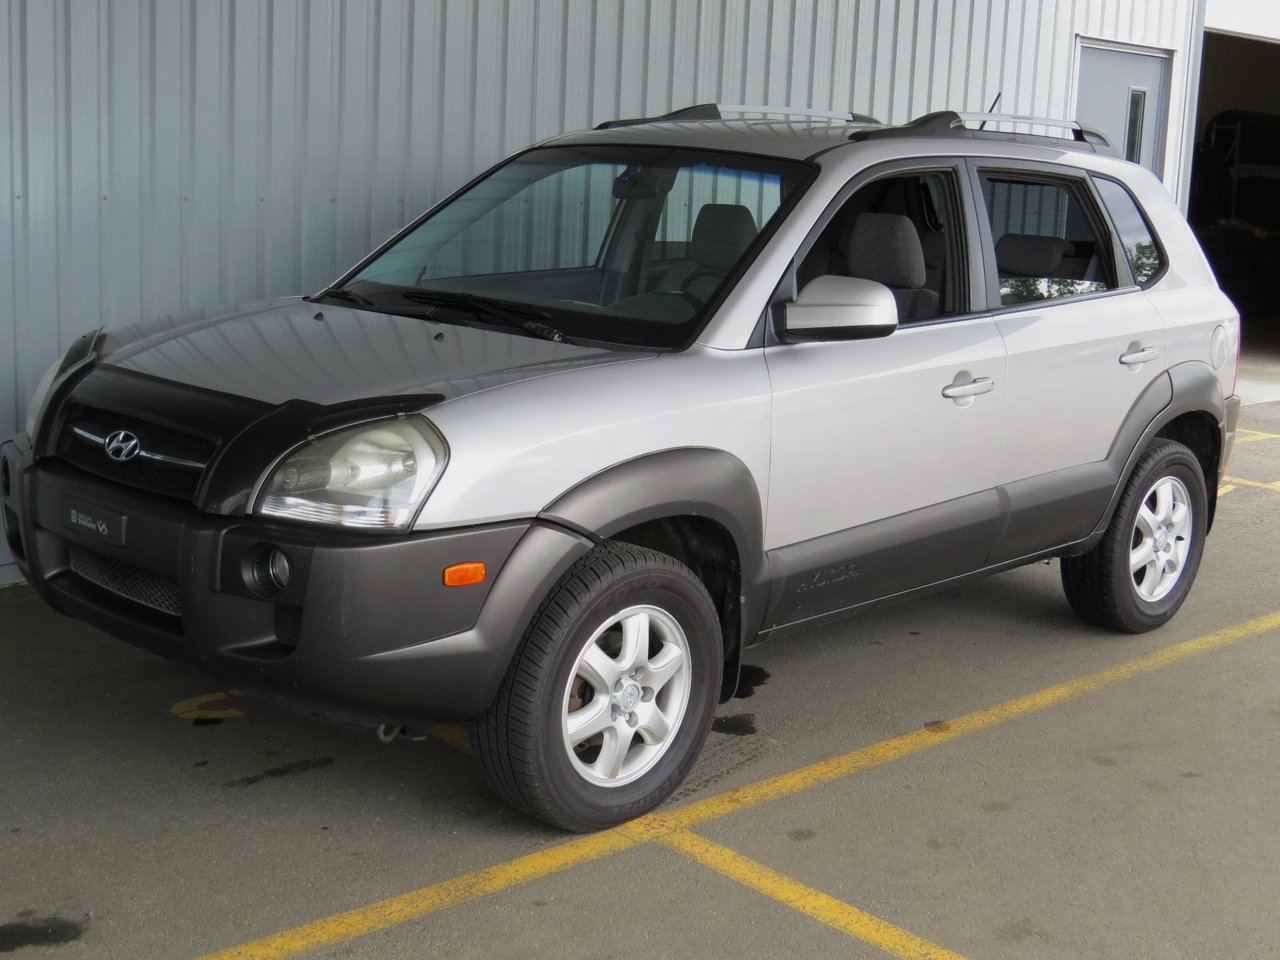 Hyundai Tucson 2005 GL AWD cruise Air Hyundai Tucson GL 2005